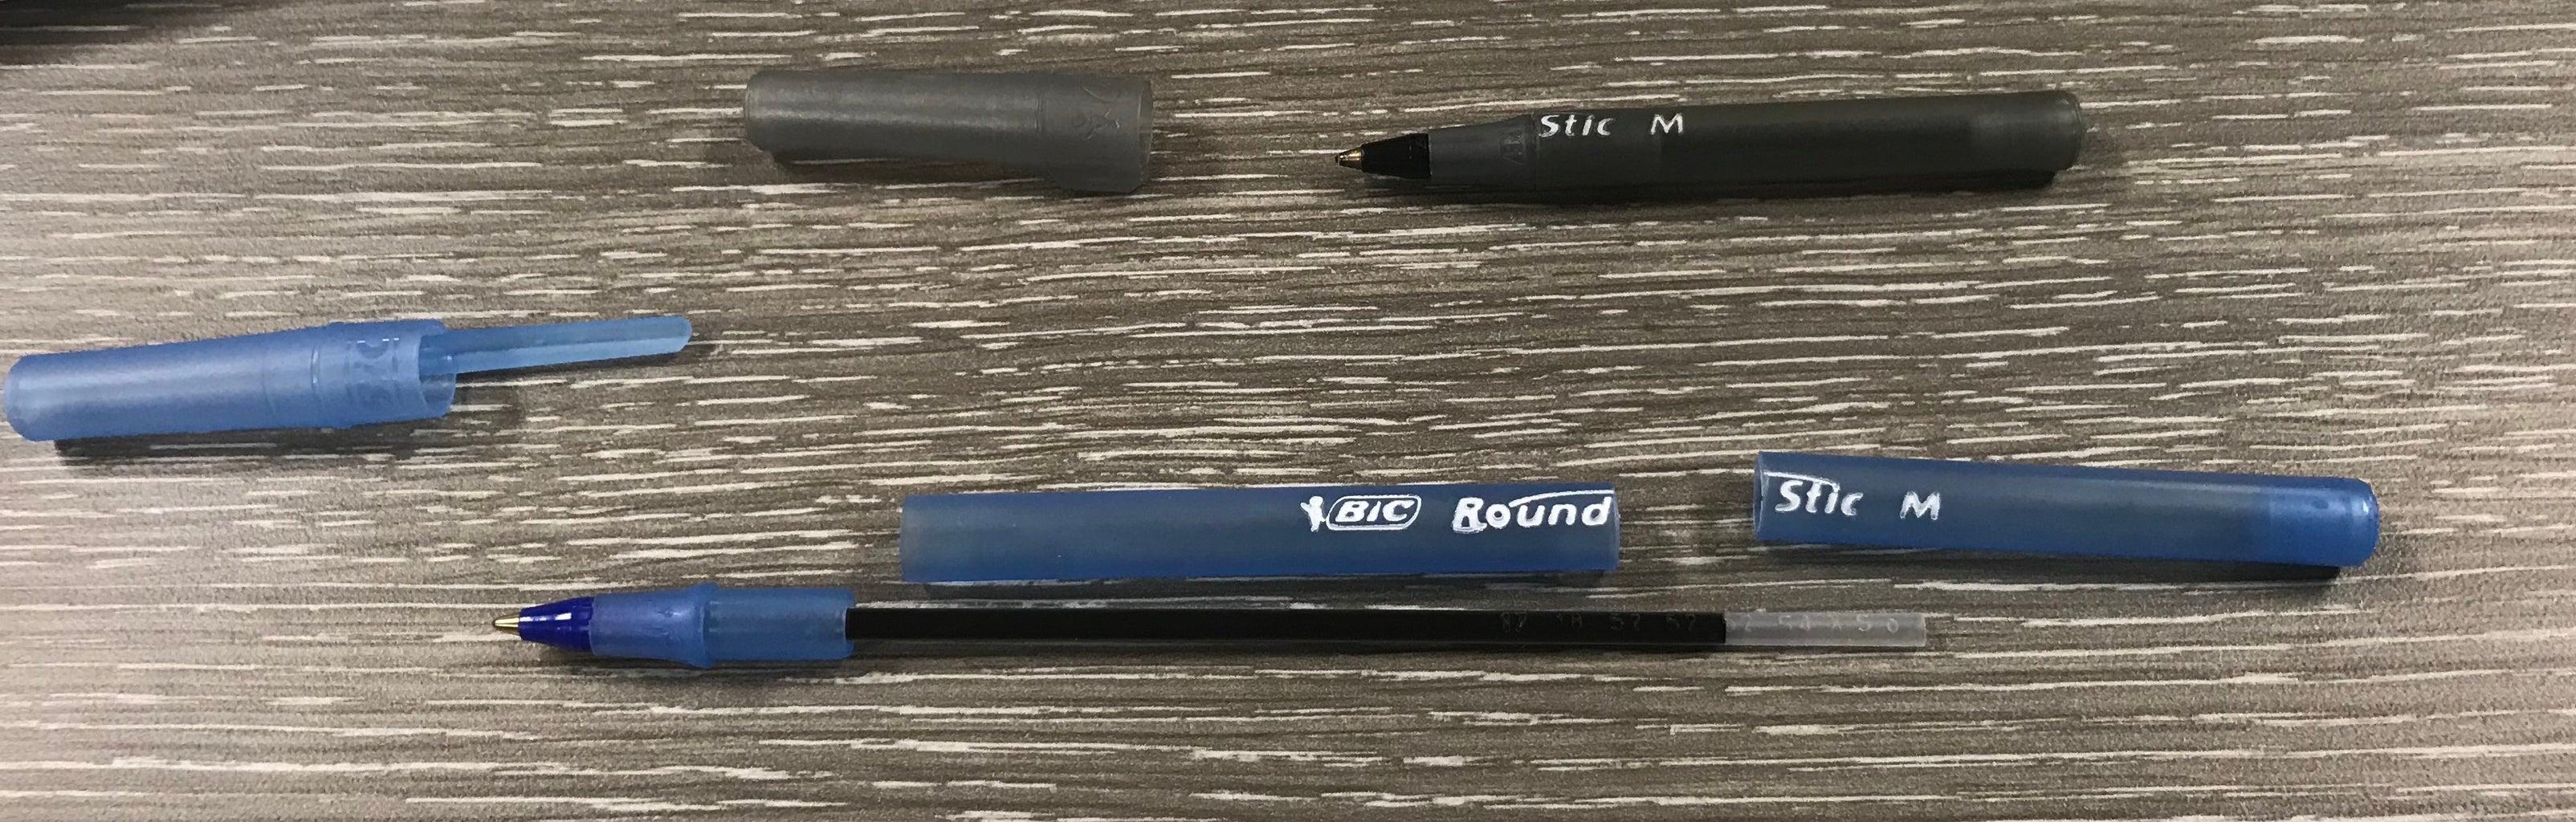 Remove Core & Cut Tube